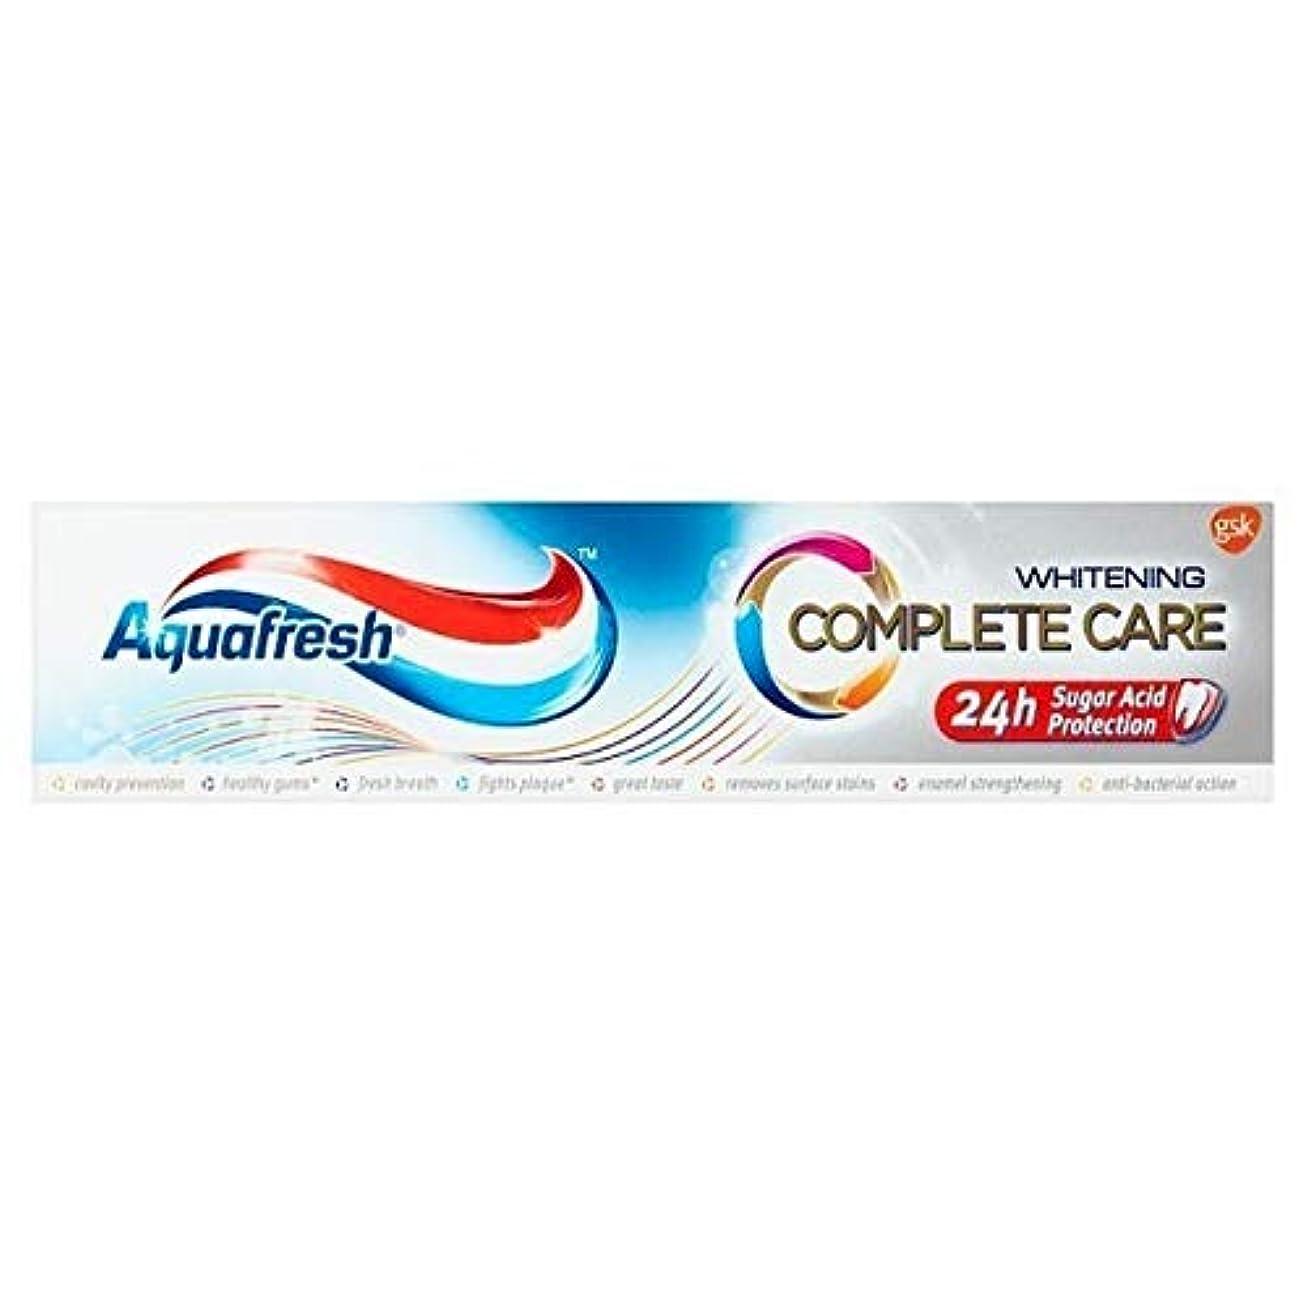 びん有害相反する[Aquafresh ] アクアフレッシュ完全なケア美白100ミリリットル - Aquafresh Complete Care Whitening 100ml [並行輸入品]